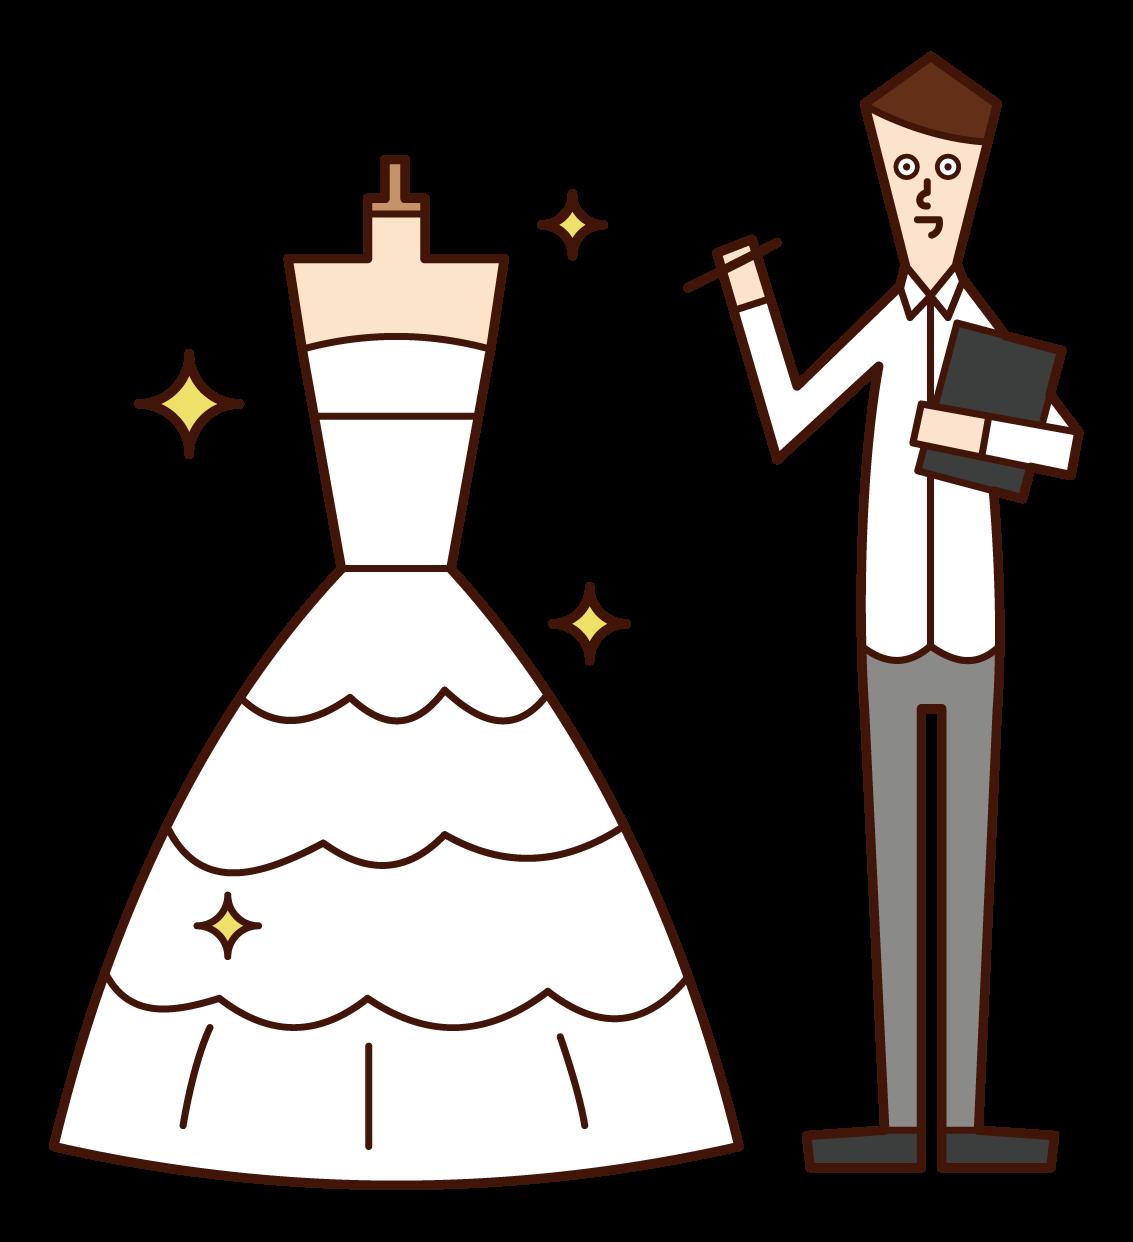 웨딩 드레스 디자이너(남성)의 일러스트